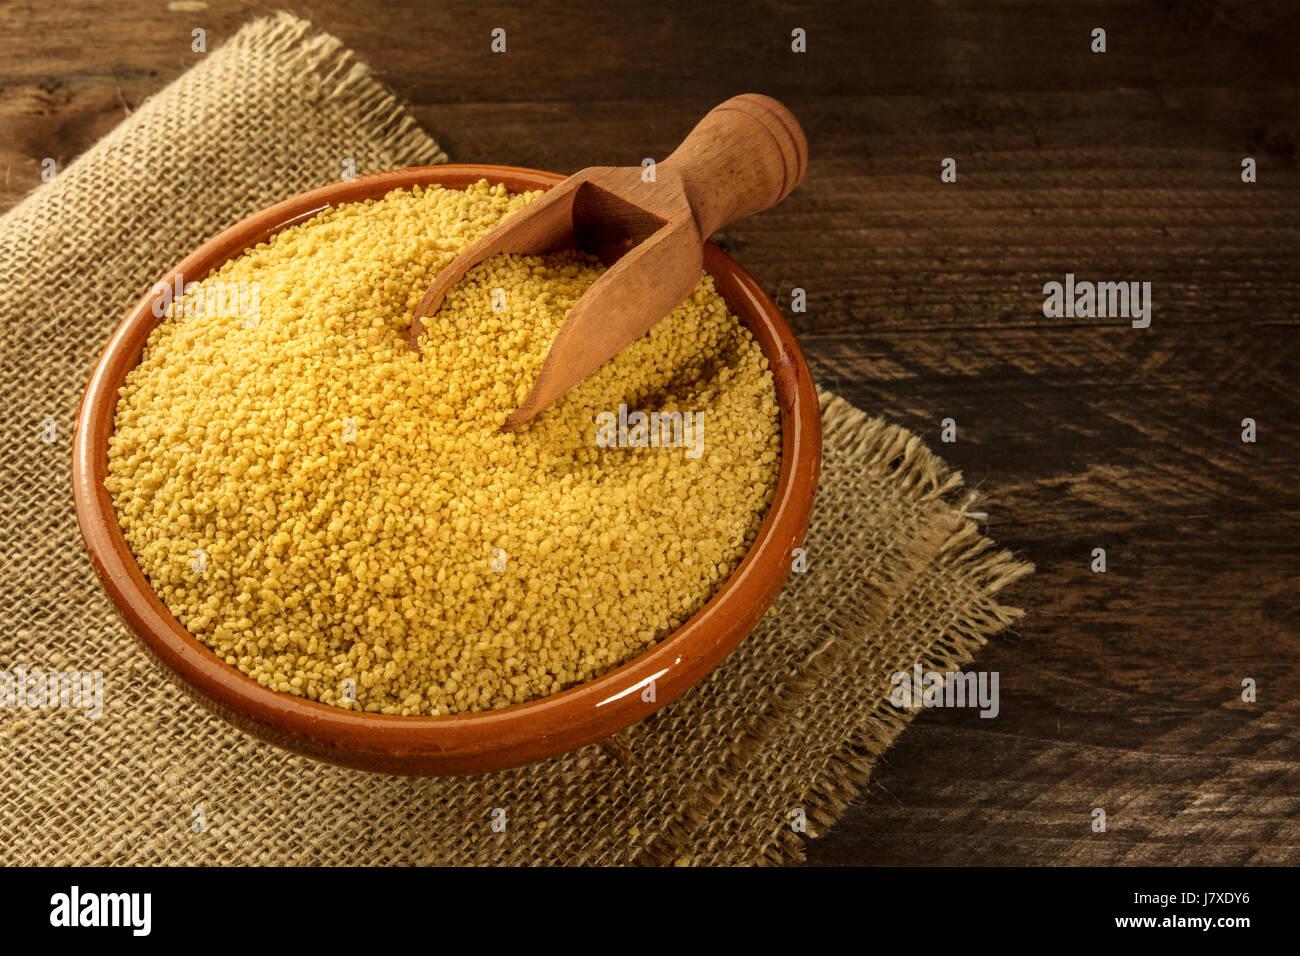 Ciotola di cuscus su rustica con copyspace Immagini Stock